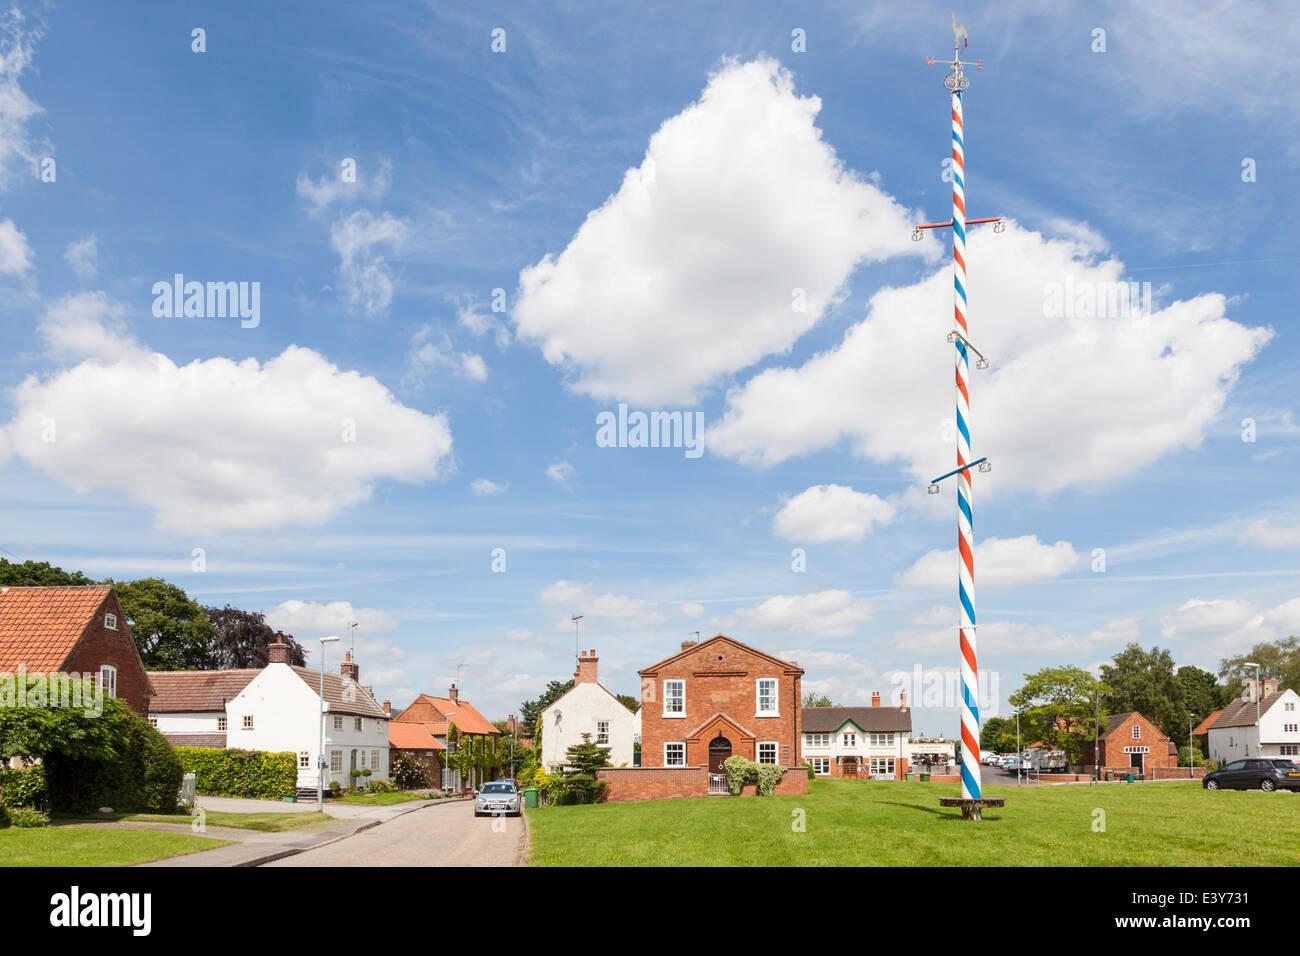 Der Dorfplatz mit Maibaum, Wellow, Nottinghamshire, England, Großbritannien Stockbild